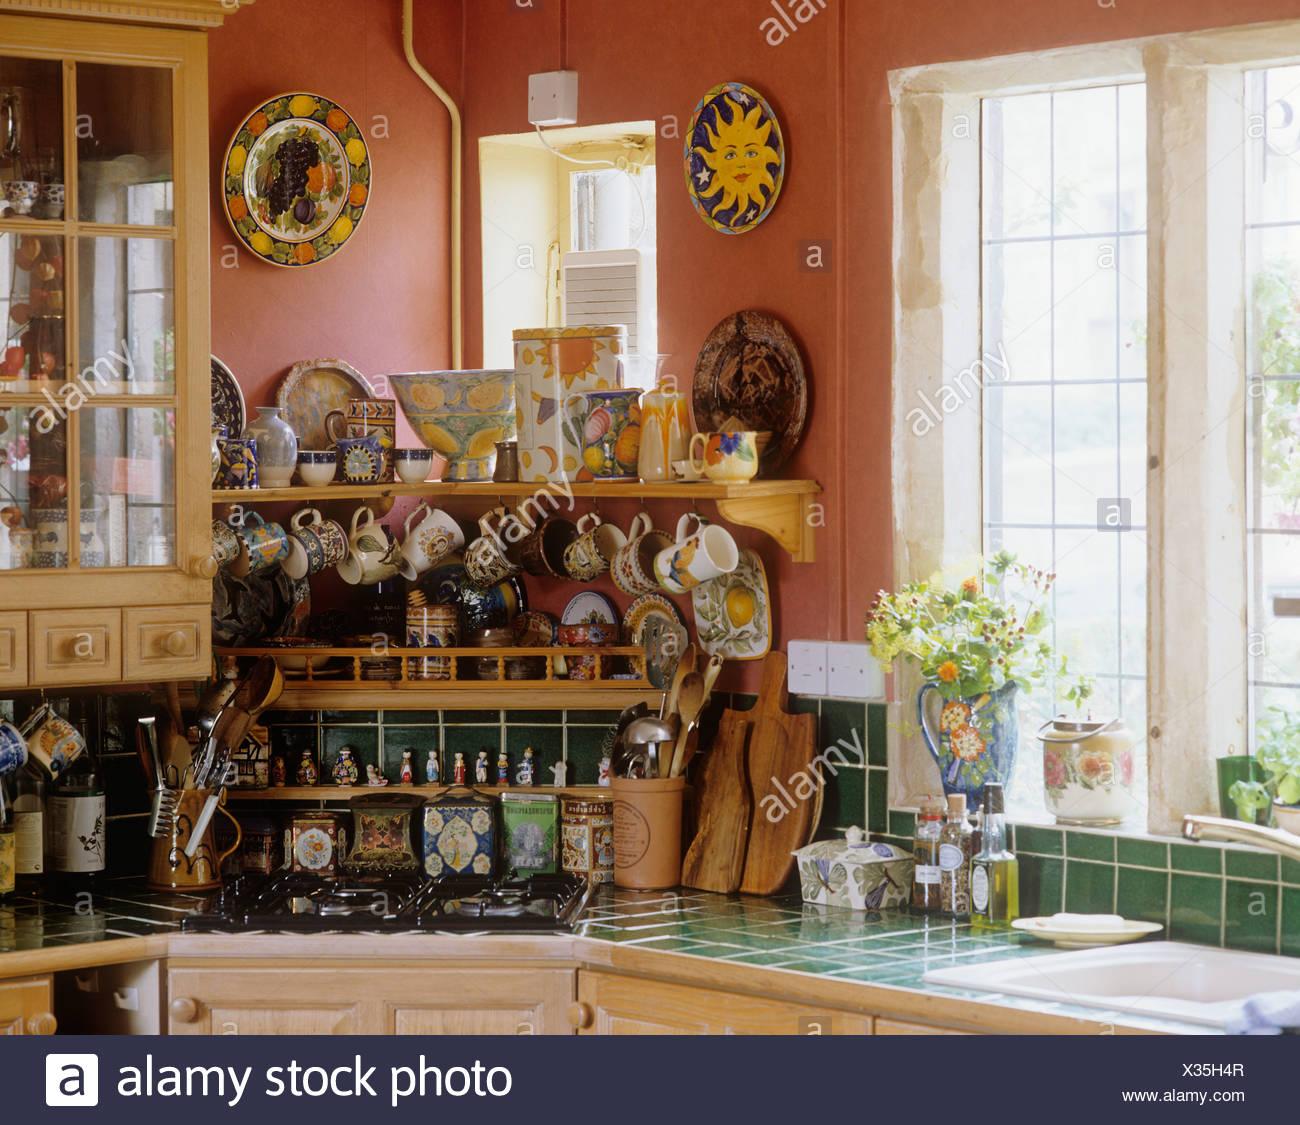 Hermosa Cocina Marroquí Azulejos Reino Unido Imagen - Ideas de ...